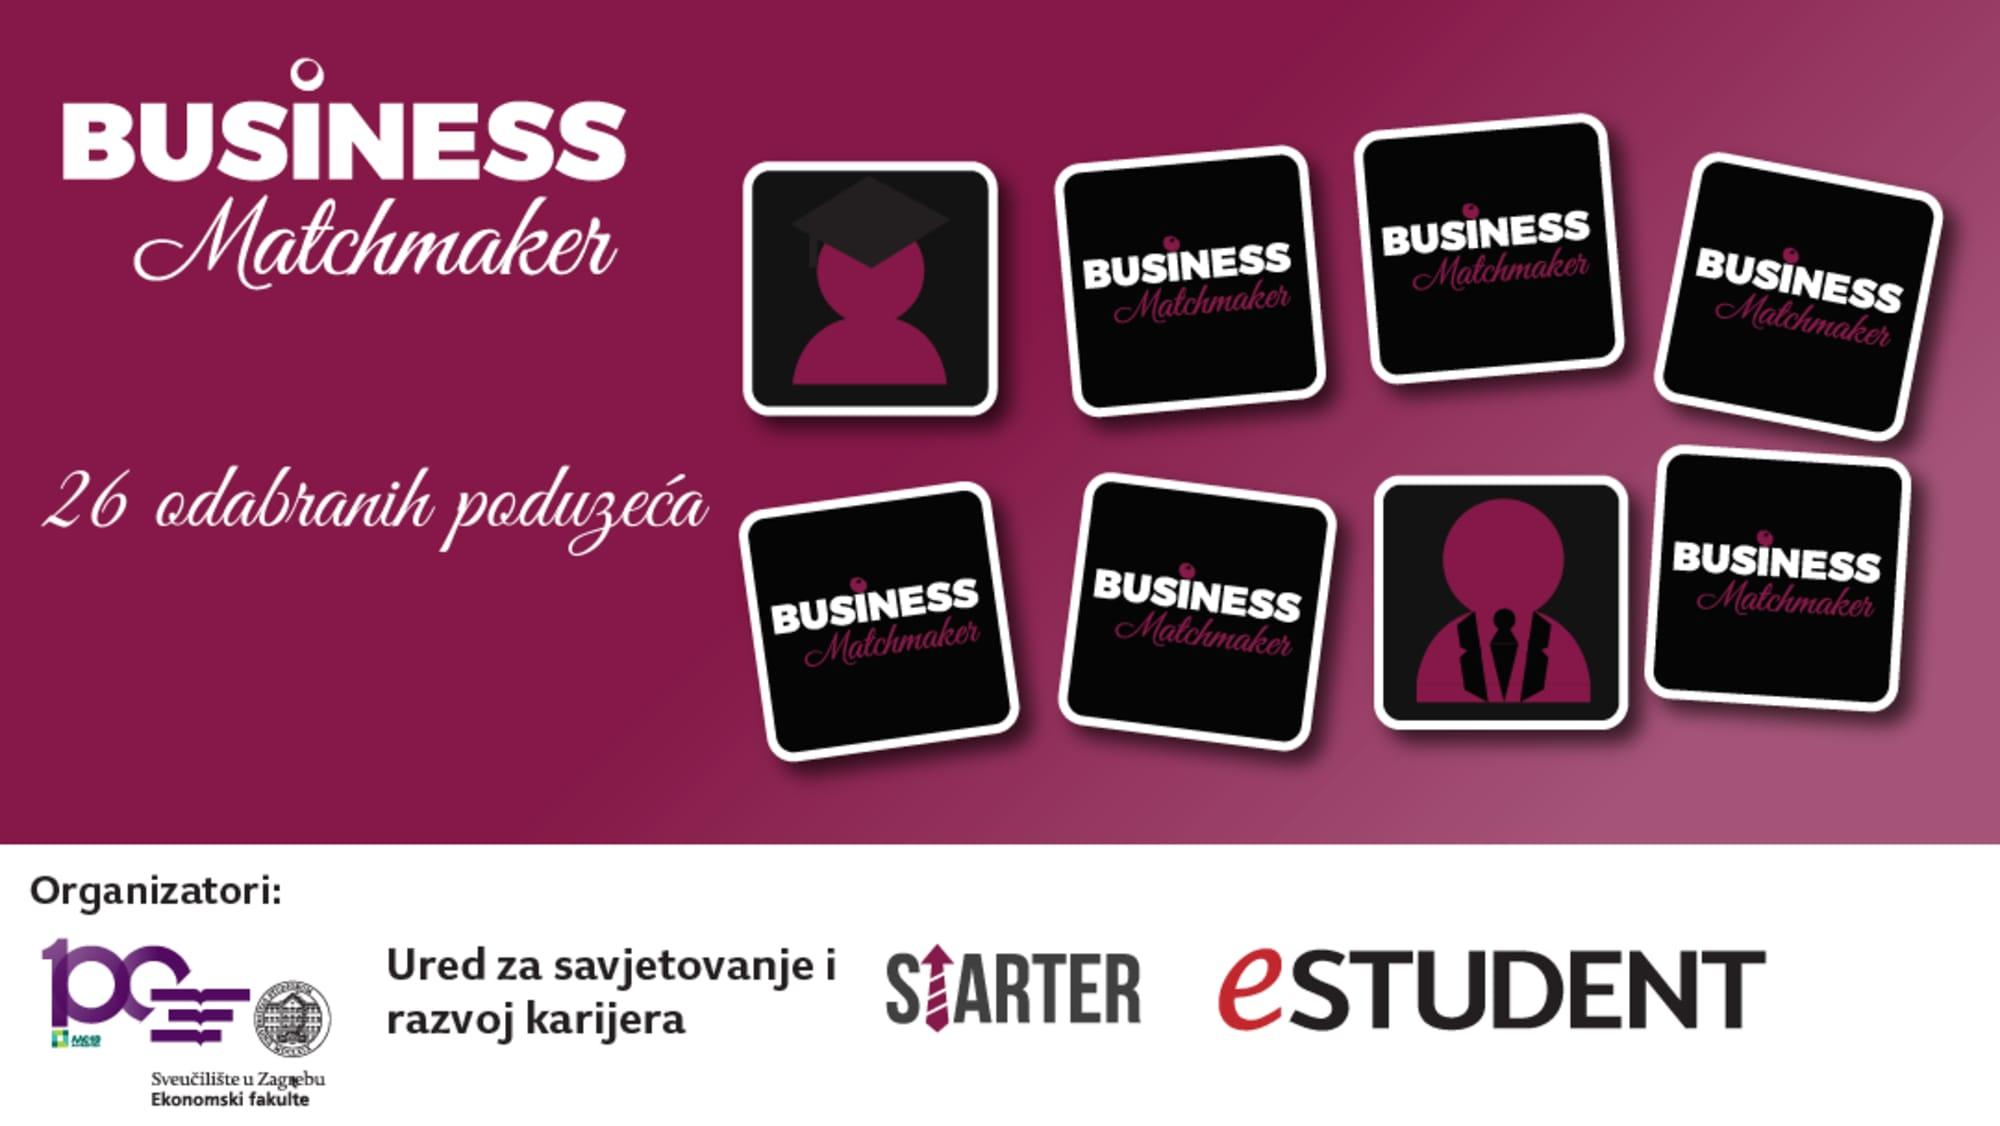 Business Matchmaker ove godine vodi na dejt 25 poduzeća!